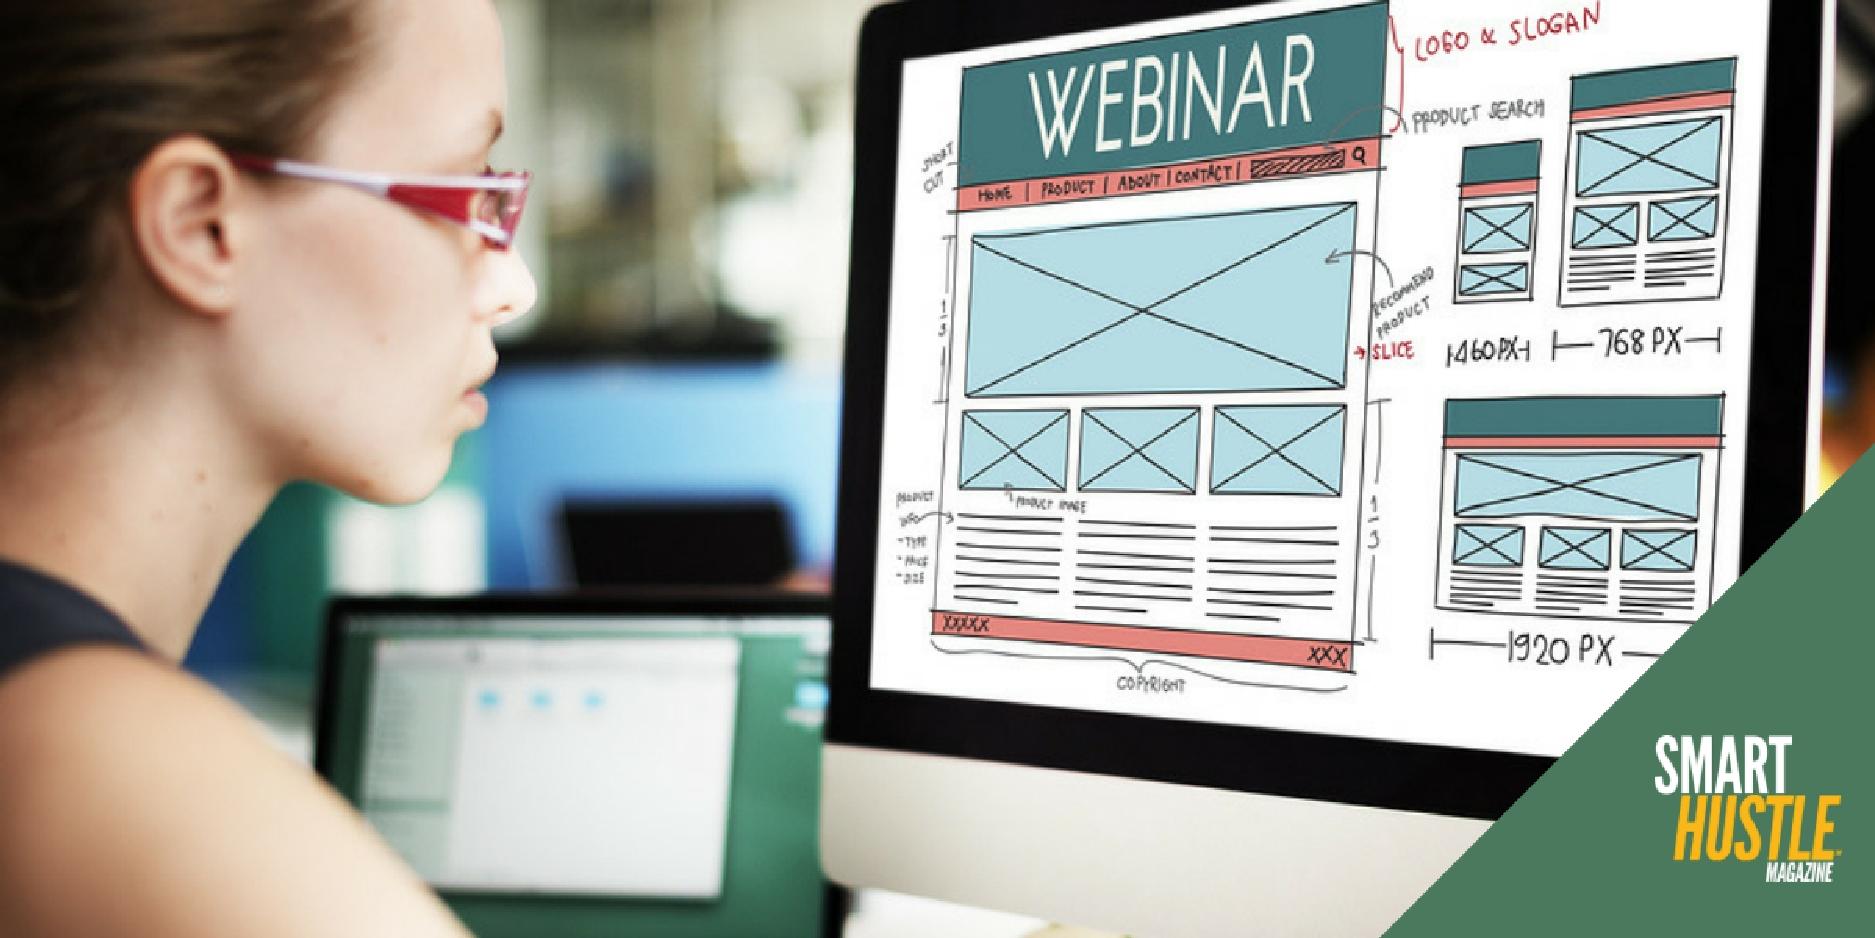 build a better webinar